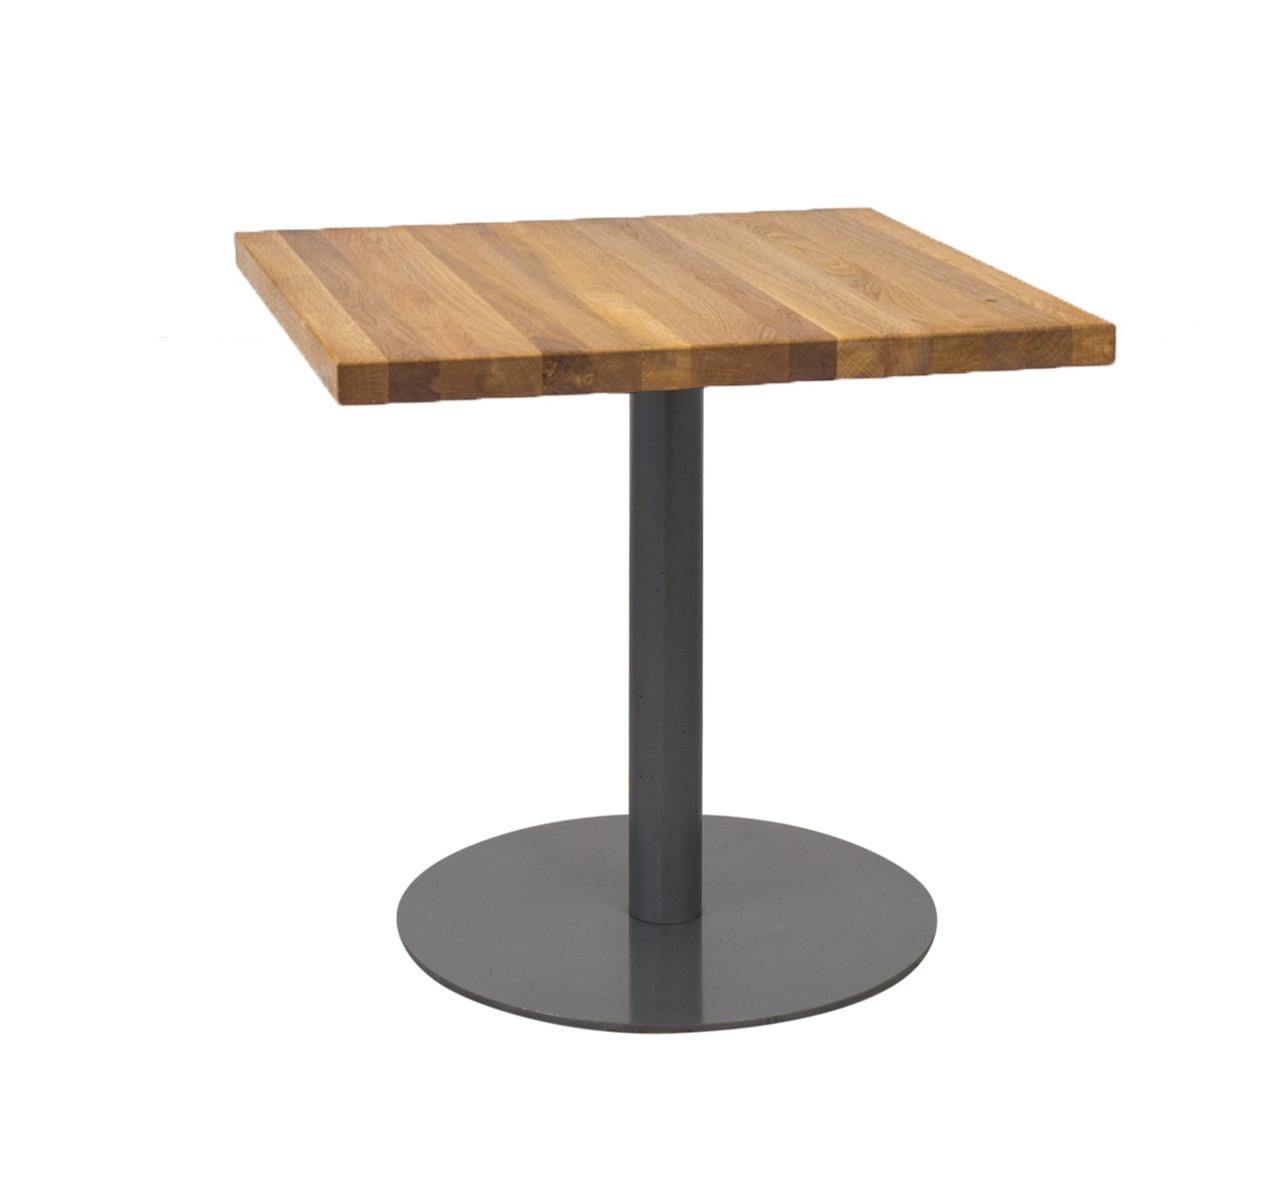 Квадратный столик для кафе из массива дерева, опора из металла